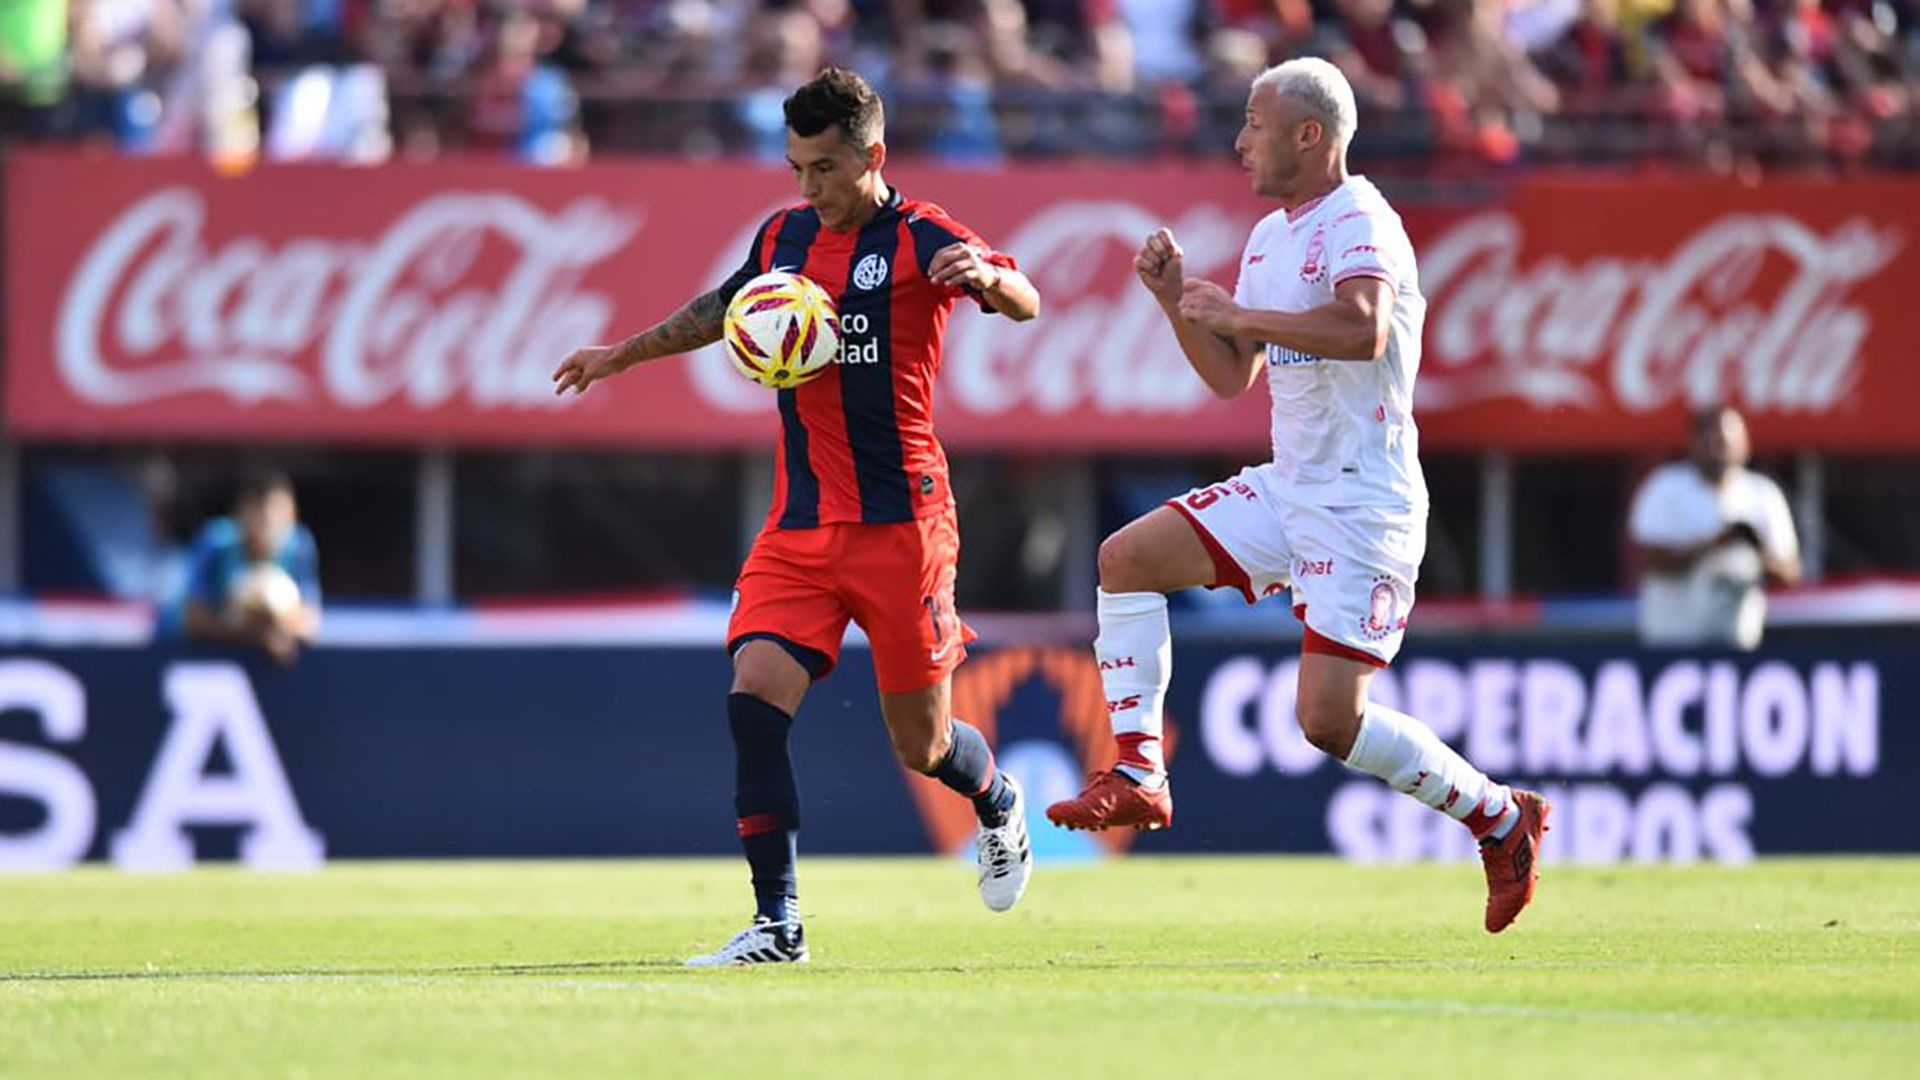 El clásico entre Huracán y San Lorenzo, otro de los atractivos de la fecha de fútbol argentino.